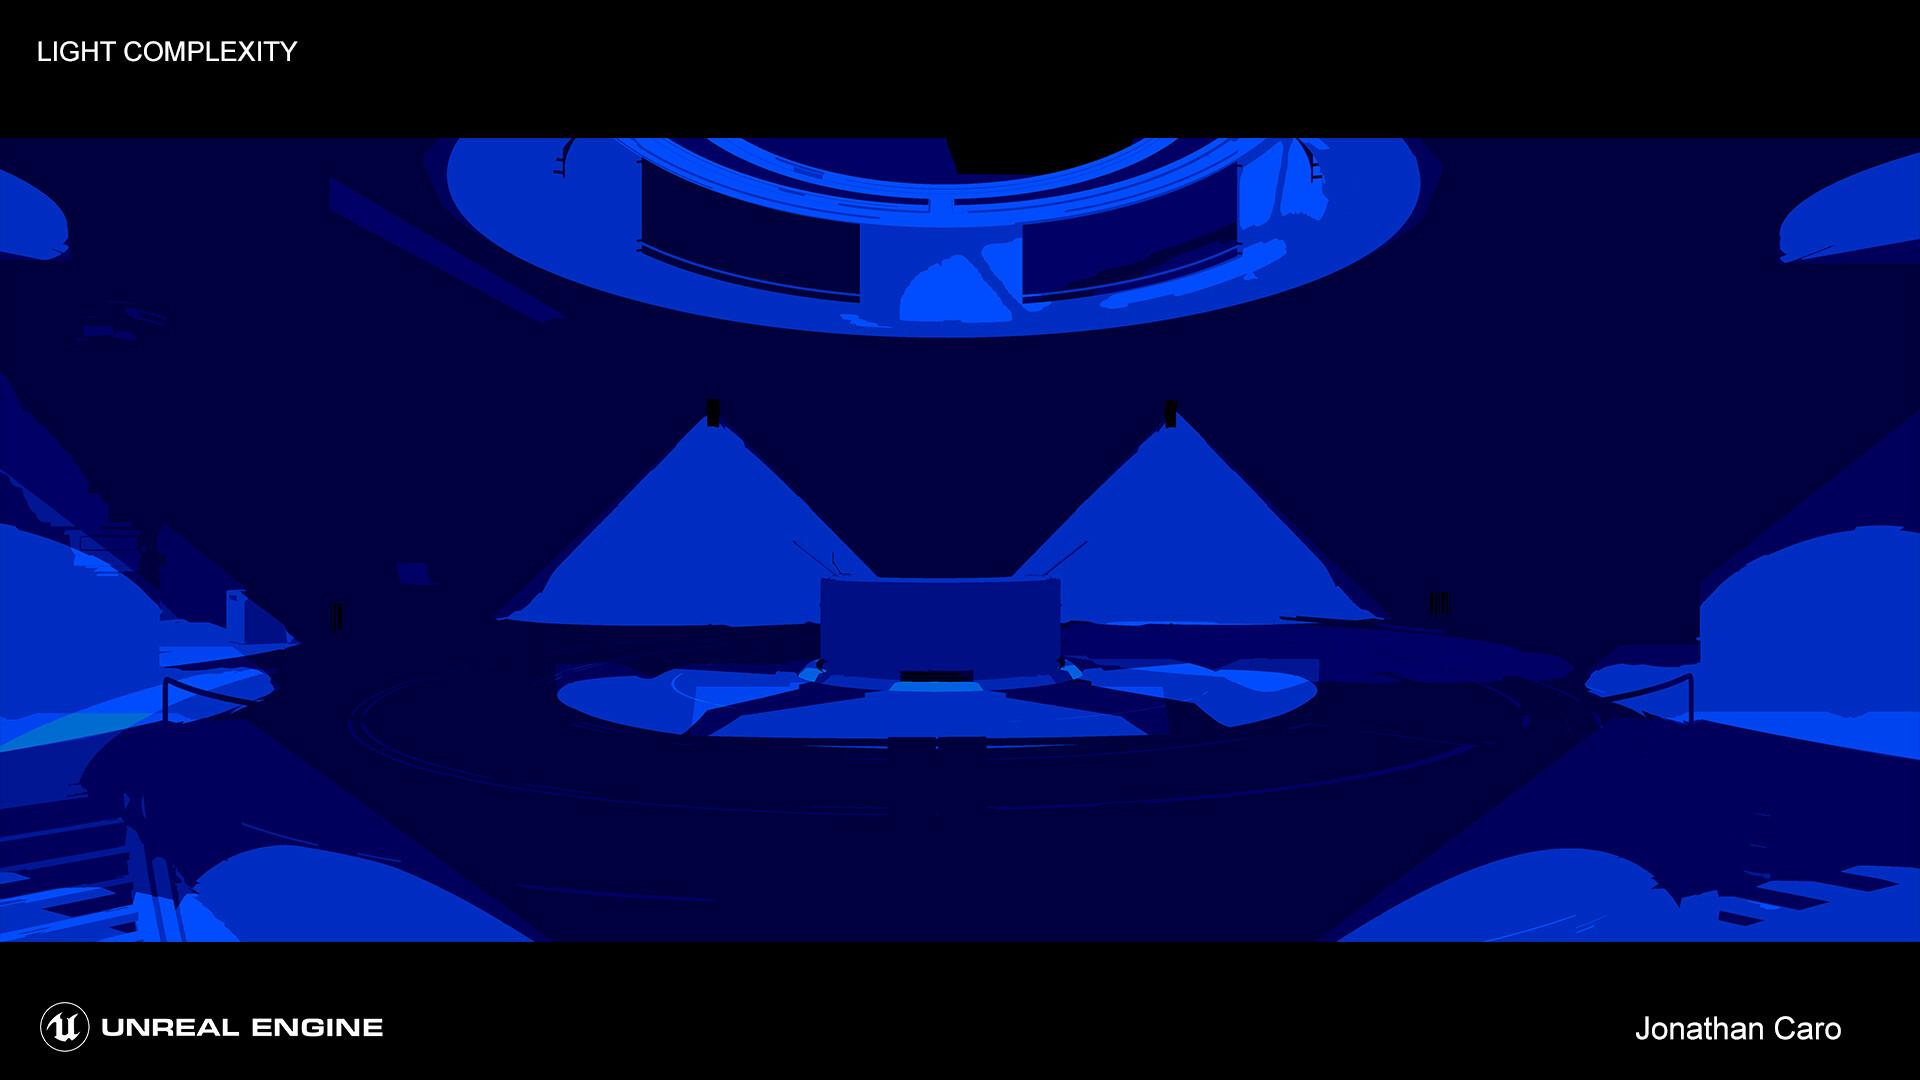 Jonathan caro joncaro unreallightstudy shot01 lightcomplexity